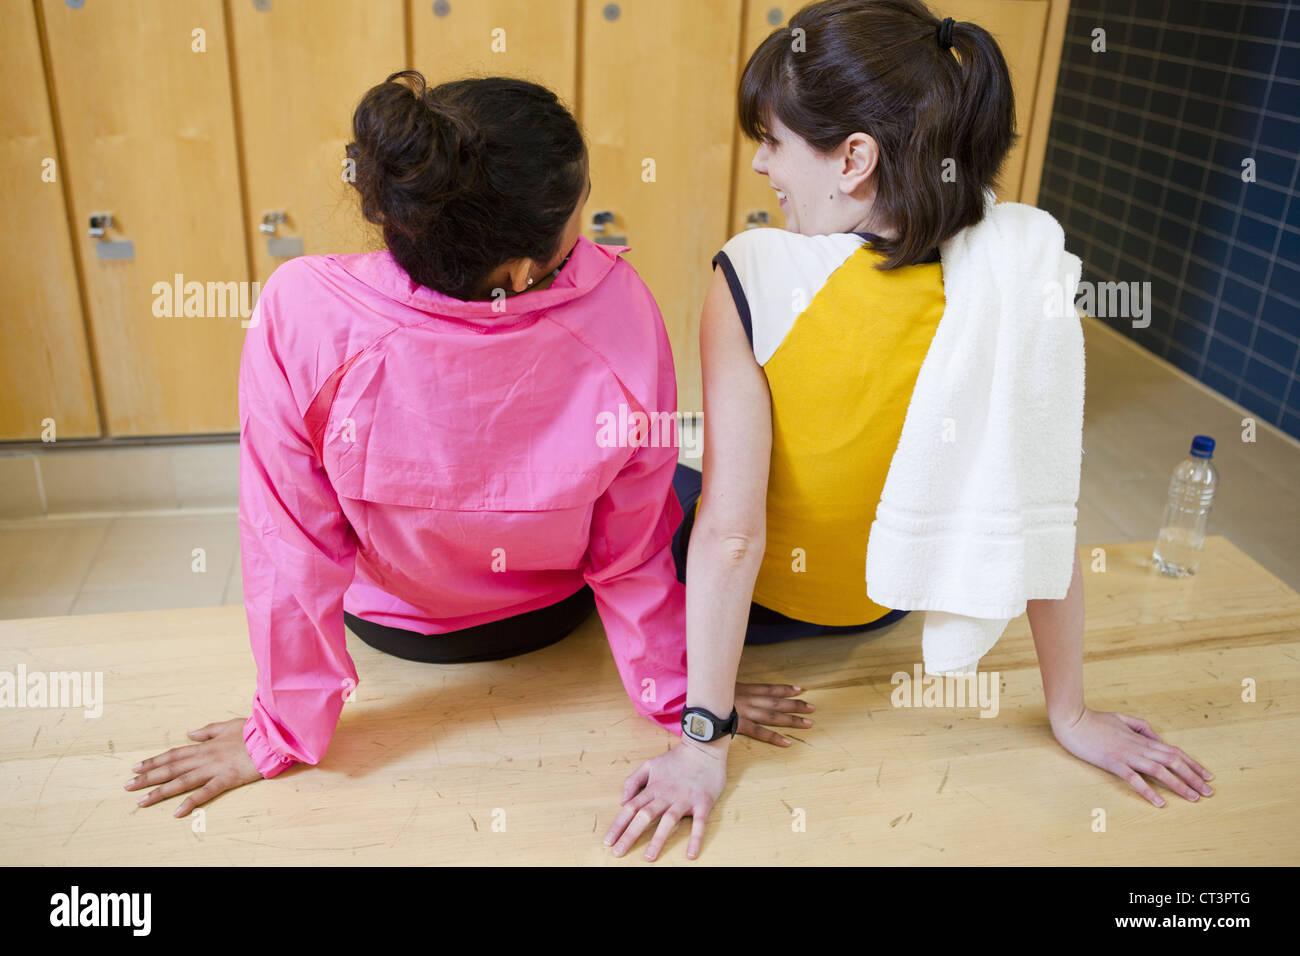 Women talking in locker room - Stock Image